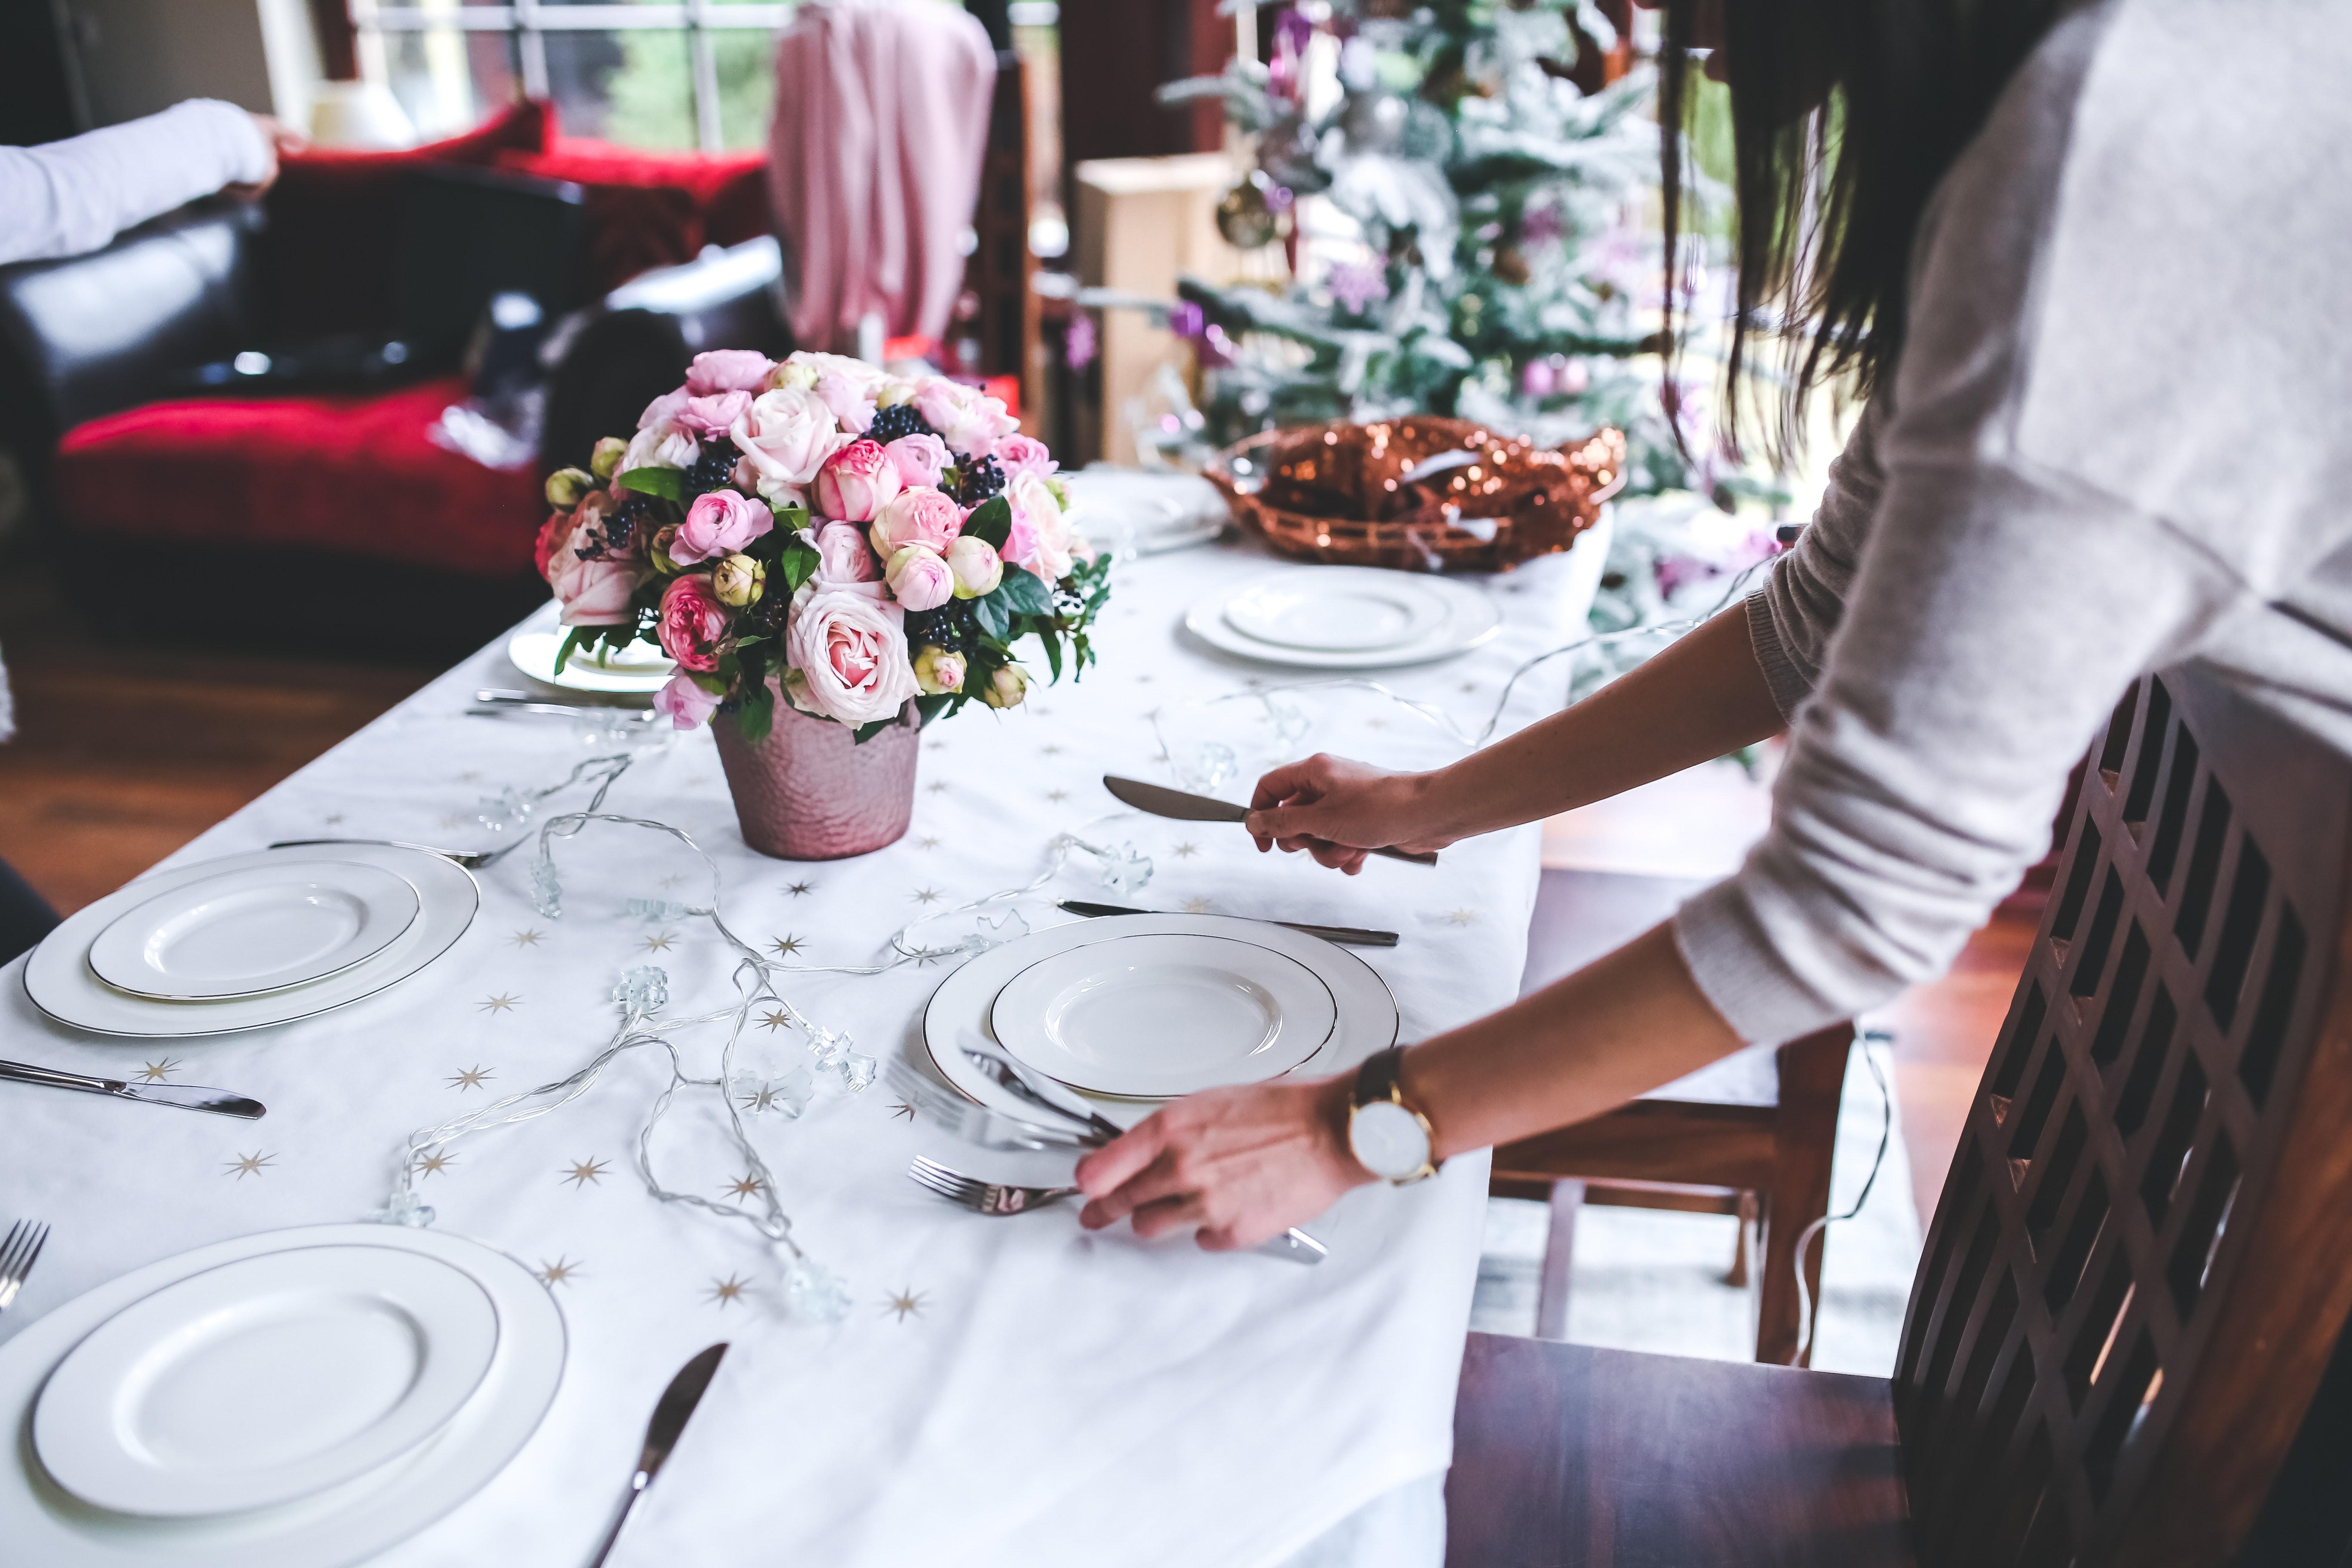 Woman Preparing Christmas Table, Holidays, Woman, Wedding, Tableware, HQ Photo